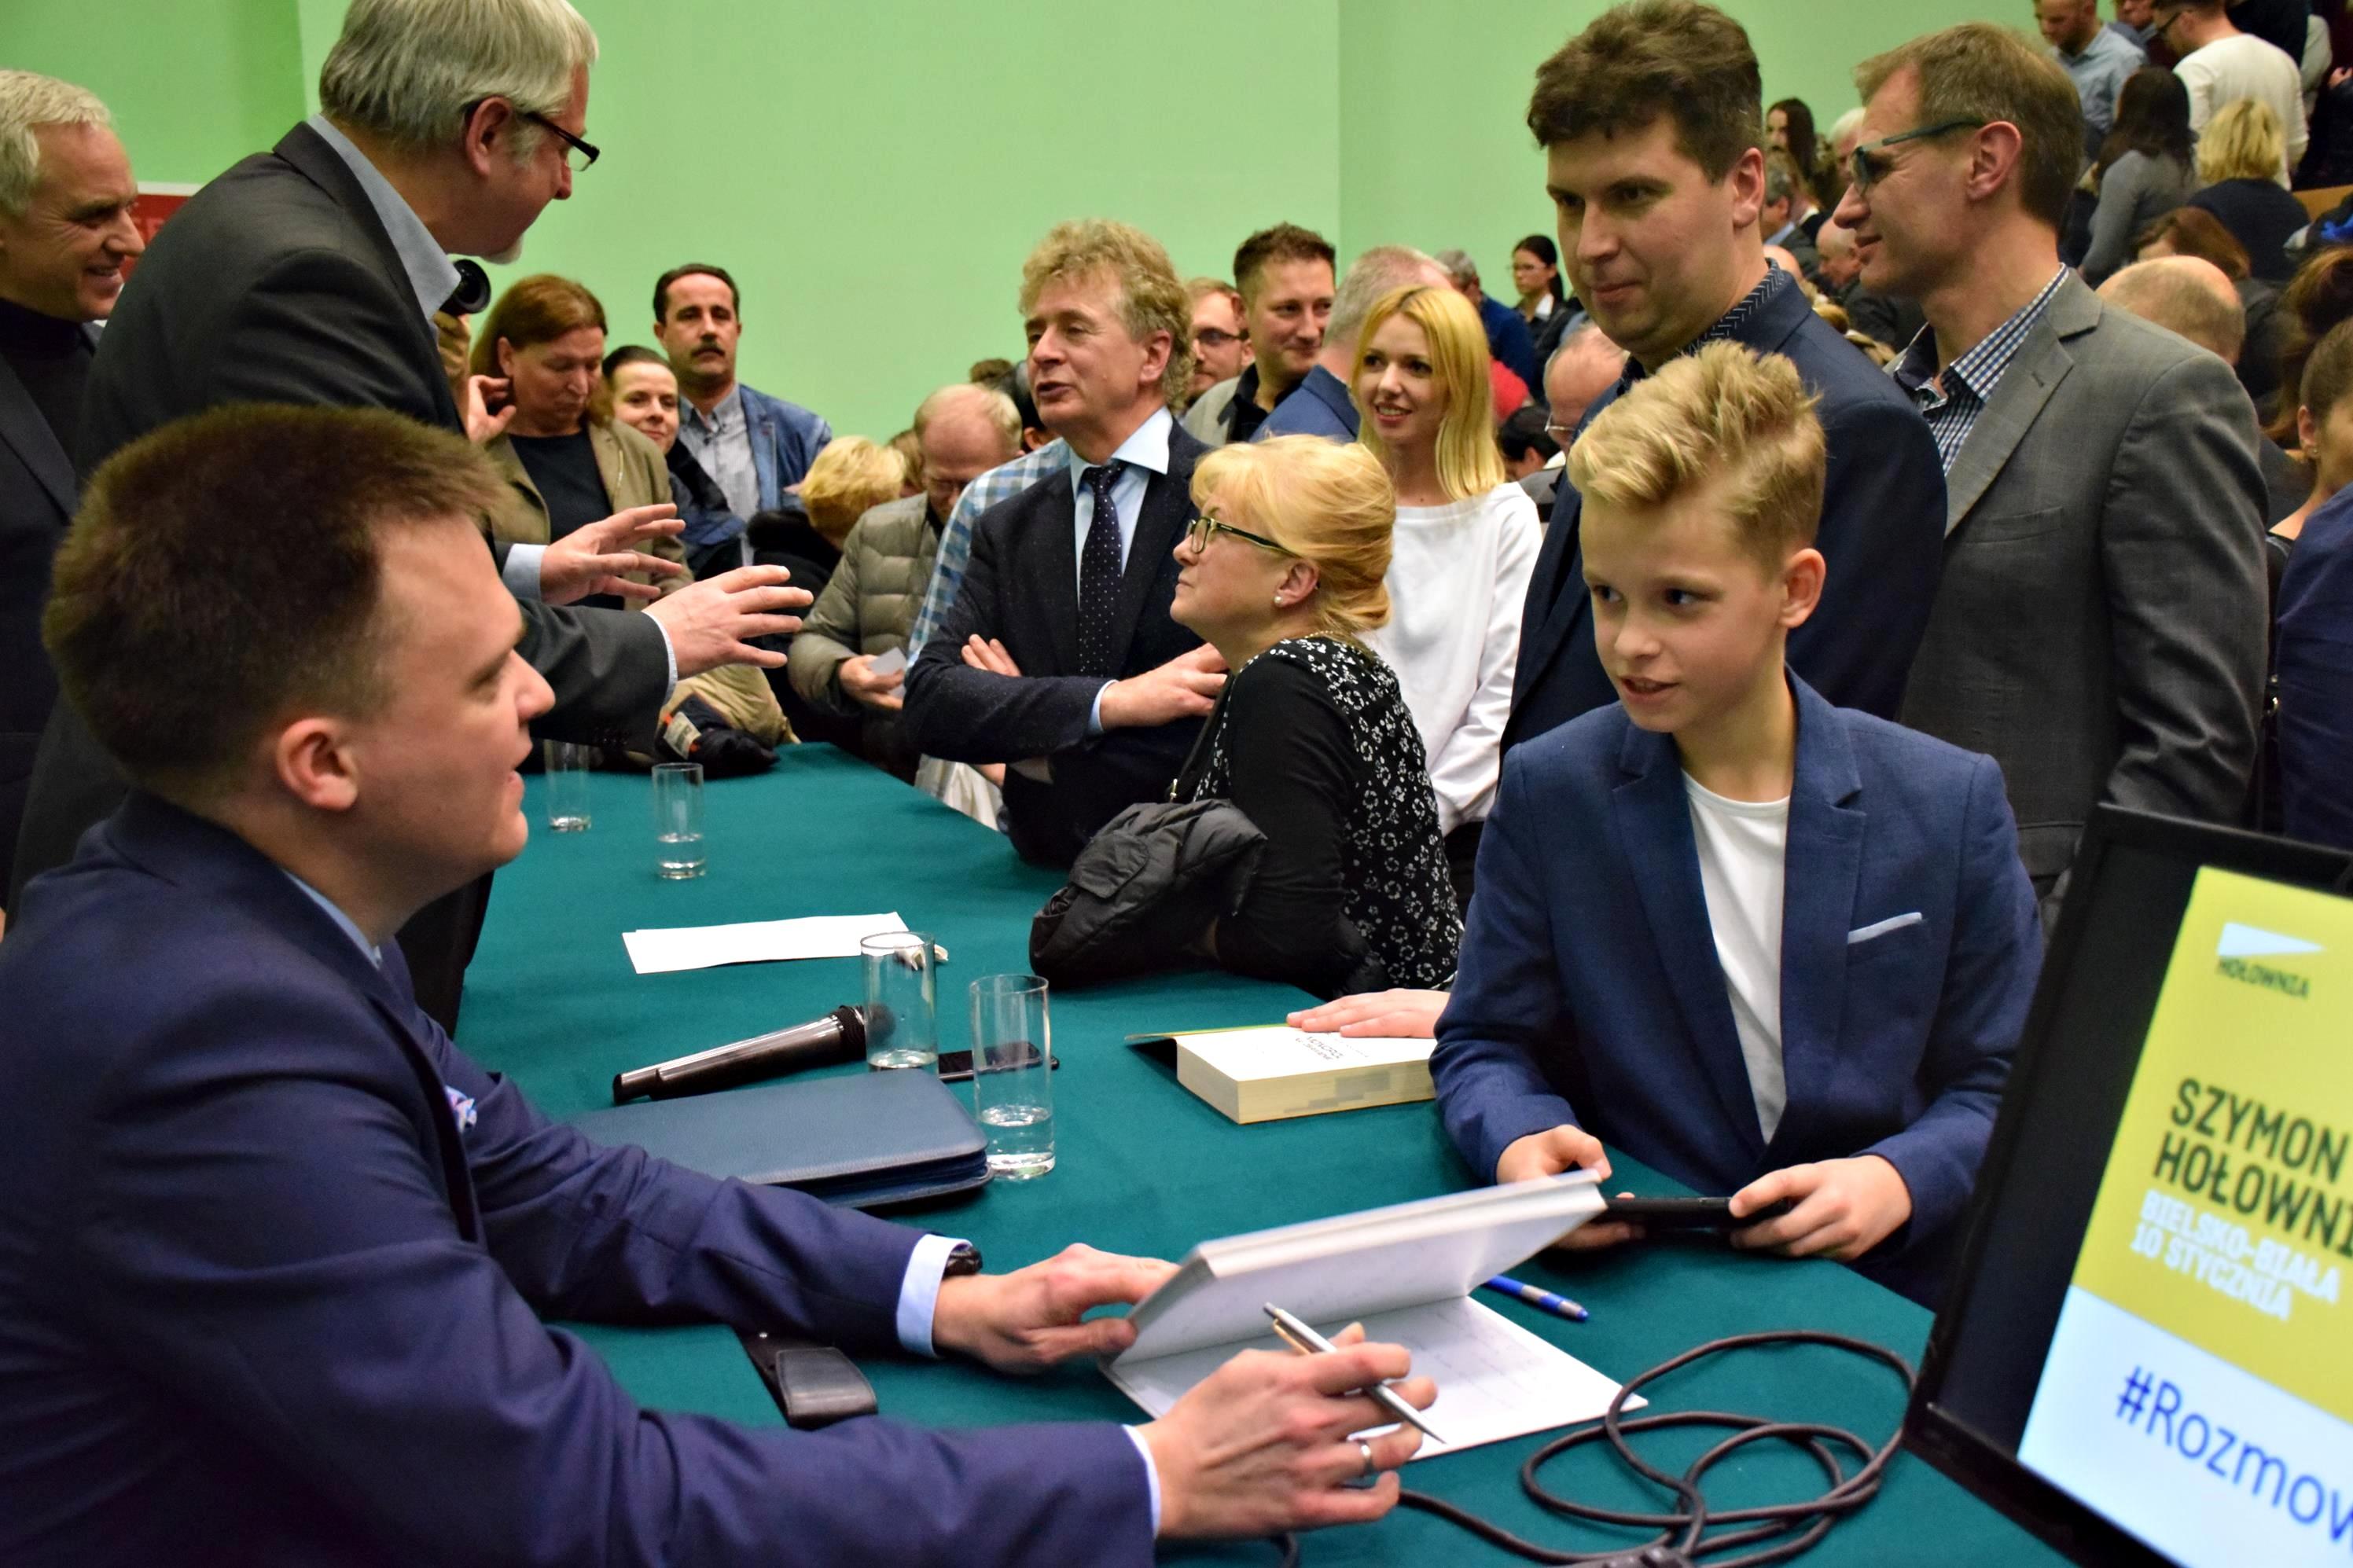 Pełna sala na spotkaniu z Szymonem Hołownią [FOTO]